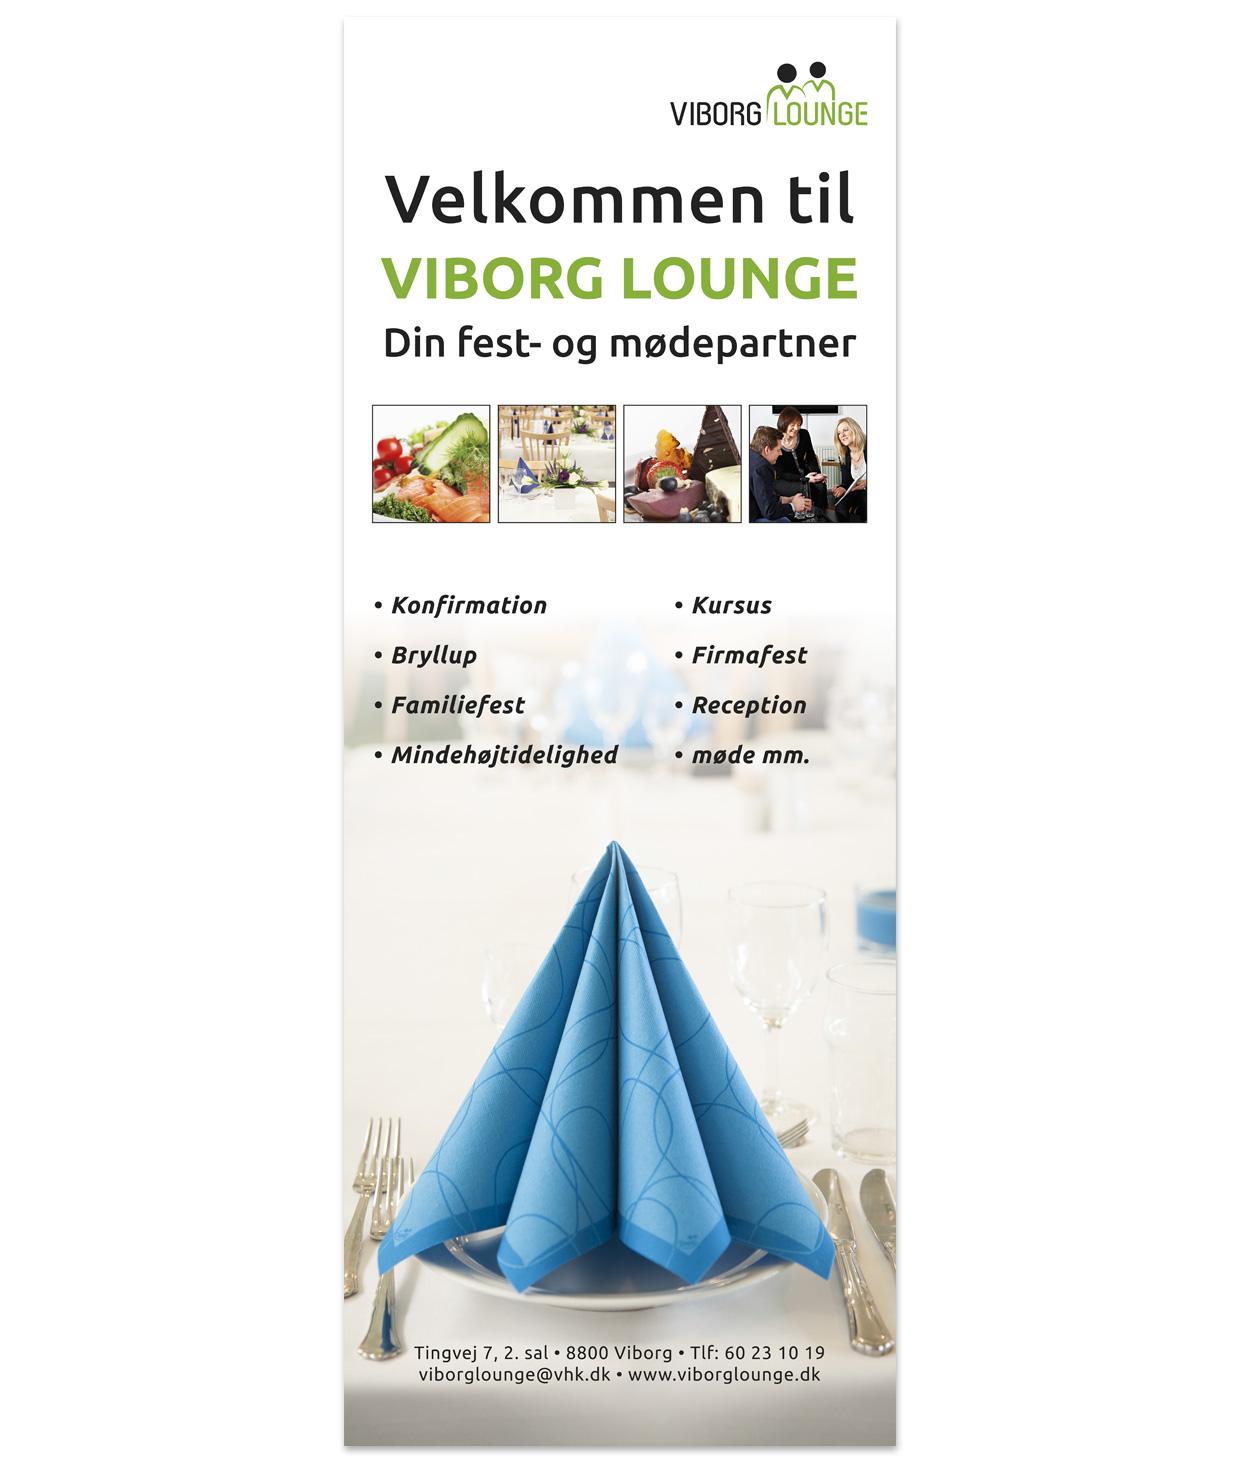 Viborg-Lounge-Roll-Up-Palle-Christensen